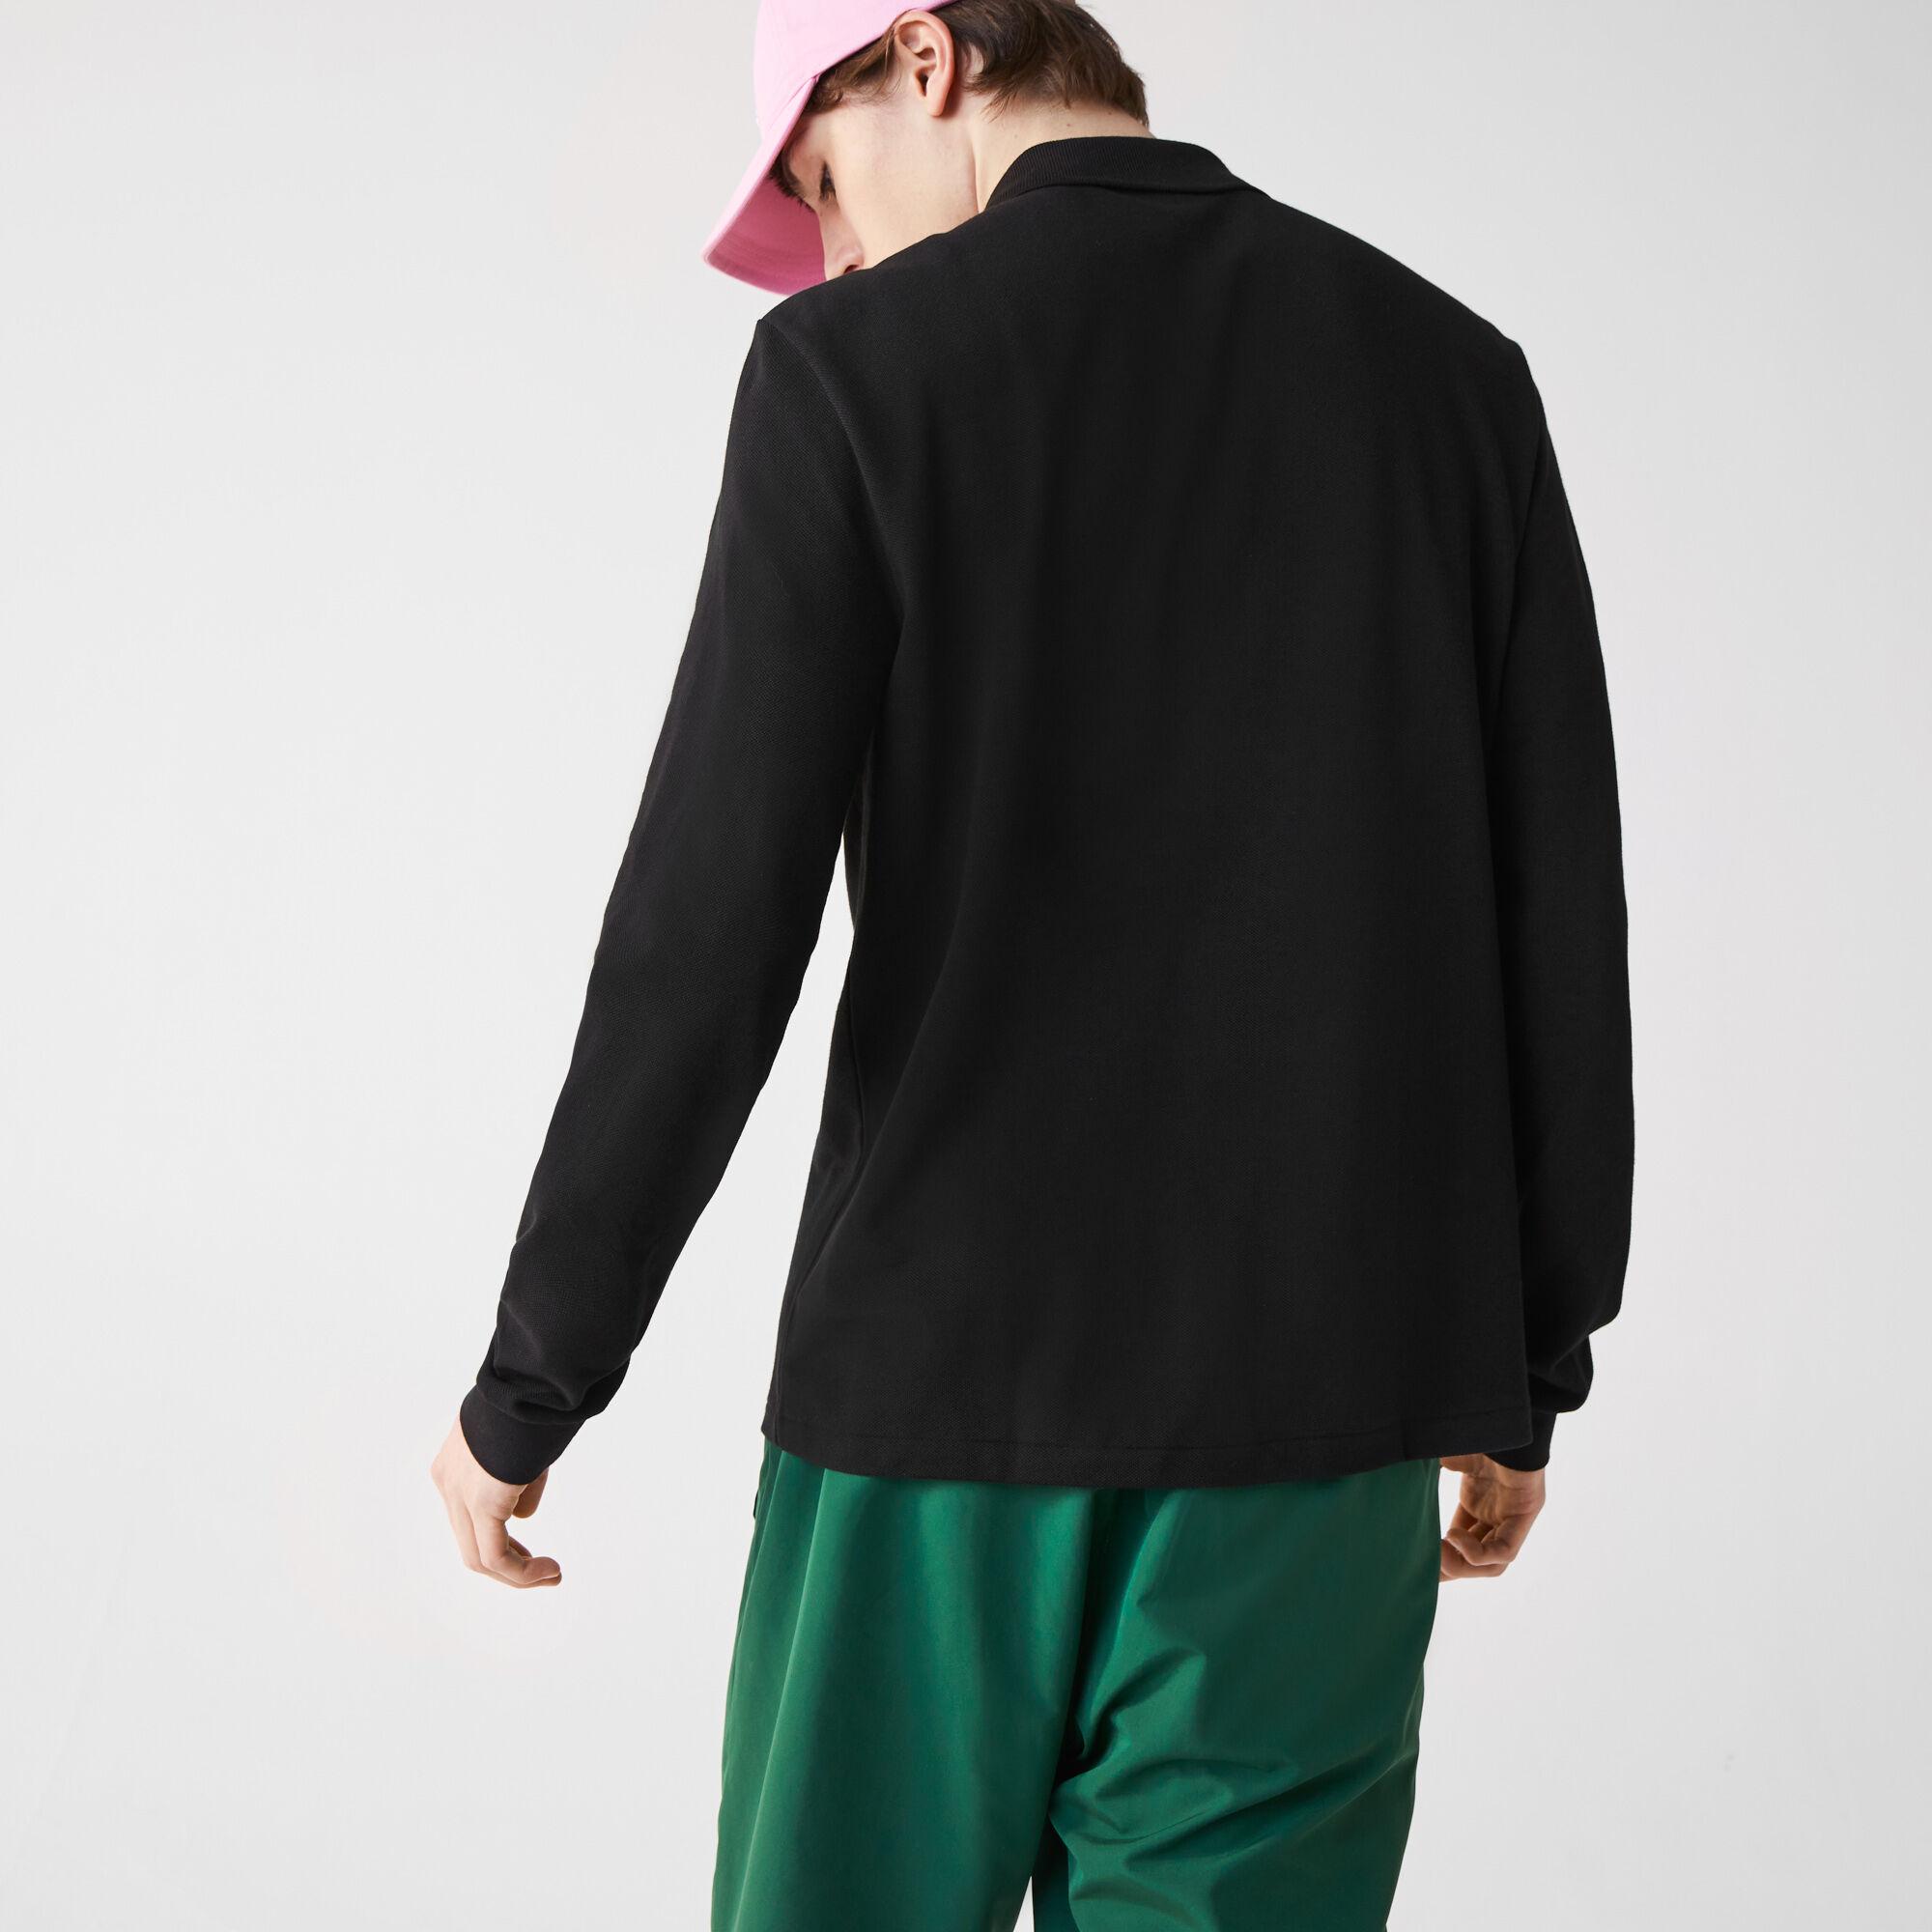 قميص بولو طويل الأكمام قصة كلاسيكية من مجموعة L.12.12